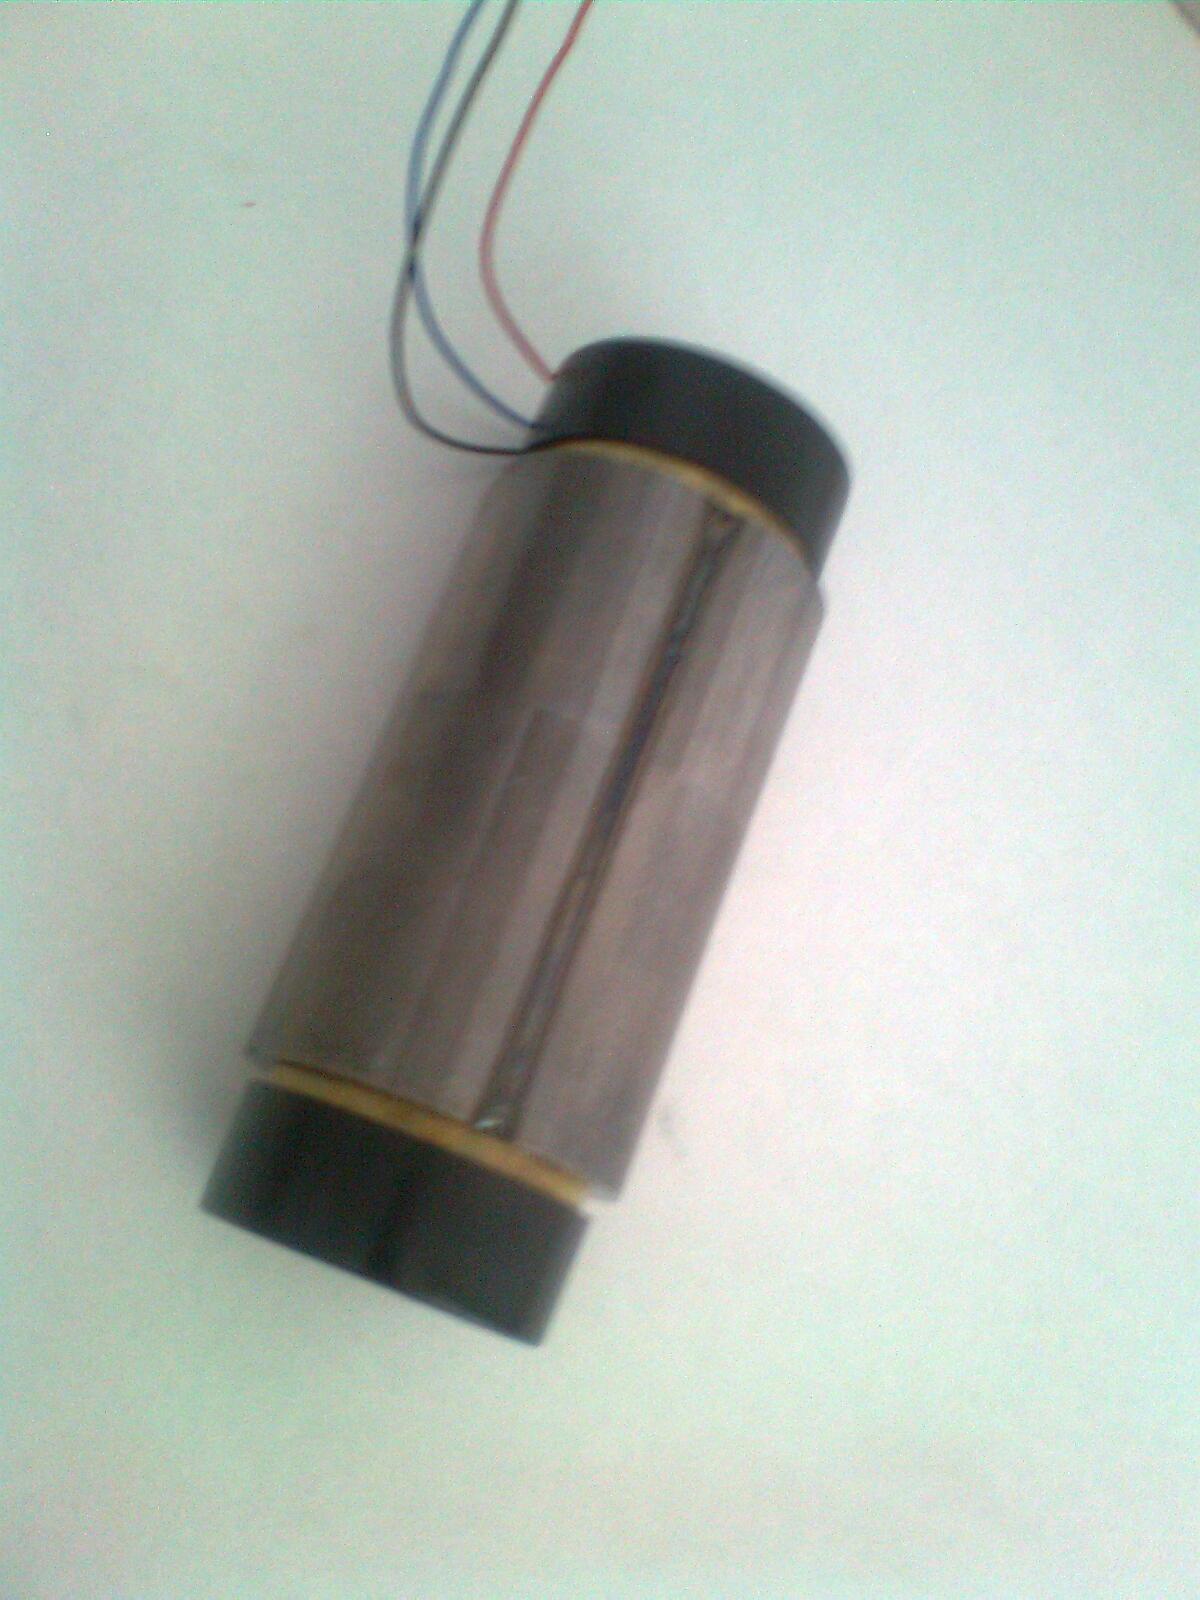 Schema Elettrico Bft Oro : Bft cavo per motori oleodinamici rad oro lux sub bft cavo per motori